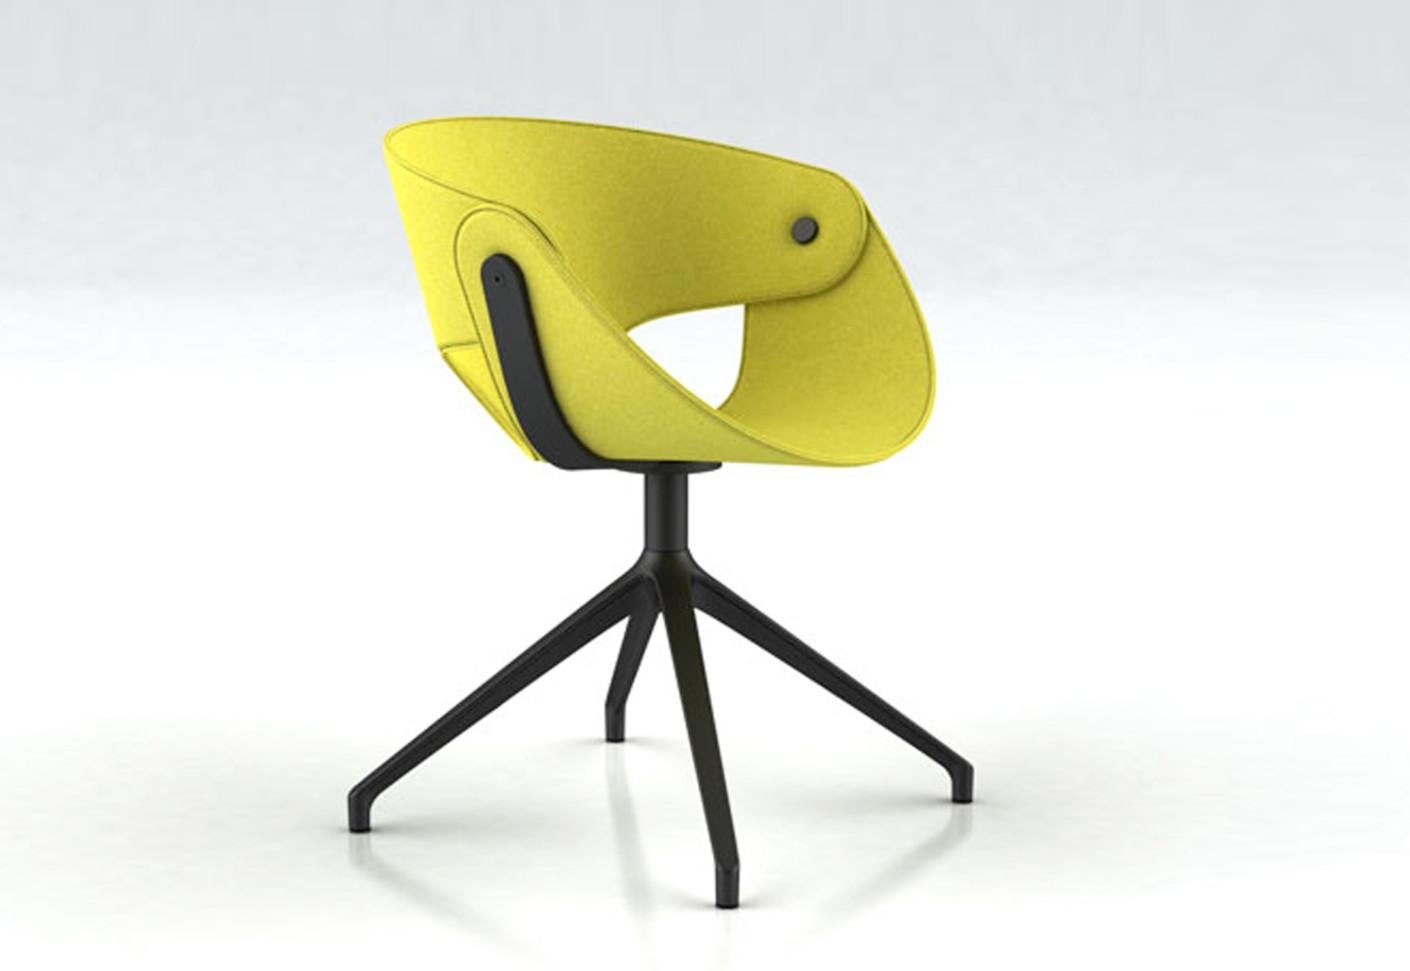 Flt chair by Tonon  STYLEPARK